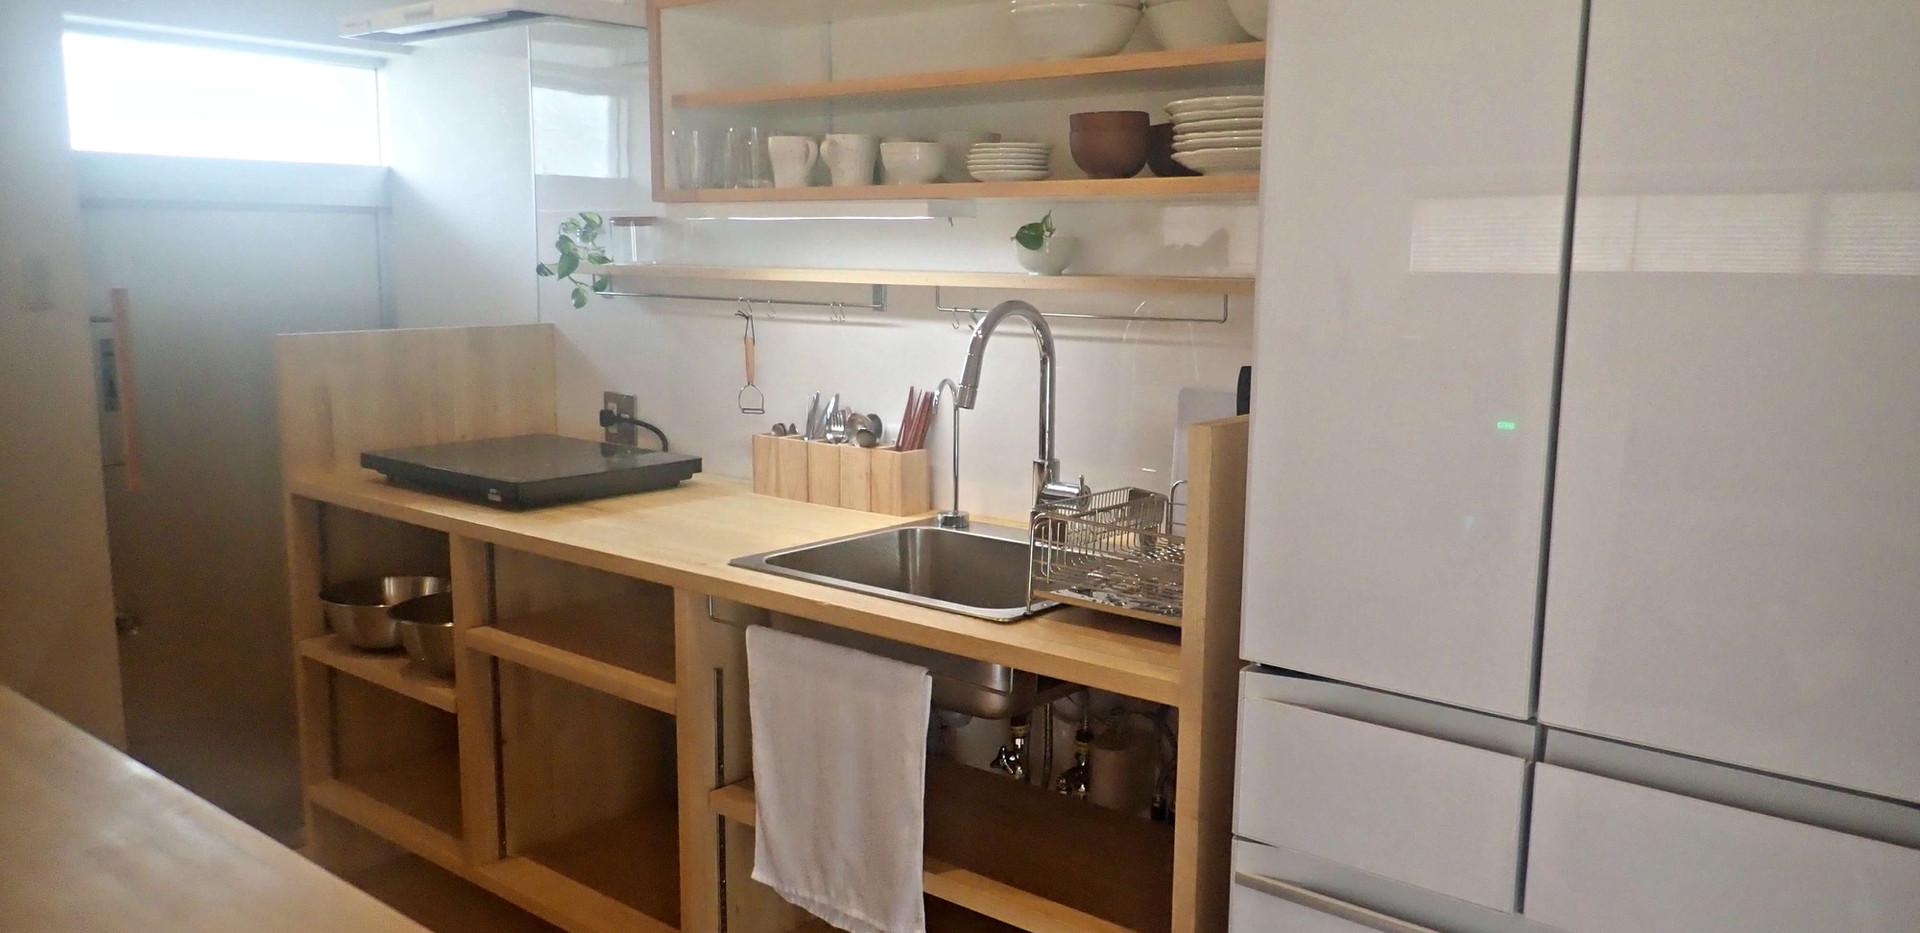 キッチンには自炊に必要なものはほぼ揃っています。電子レンジ/オーブントースター/湯沸かし器/炊飯器/冷蔵庫/冷凍庫/IHコンロ/食器/調理器具/インスタントコーヒー/基本的な調味料(塩・砂糖・醤油・油など) Fully equipped open kitchen.